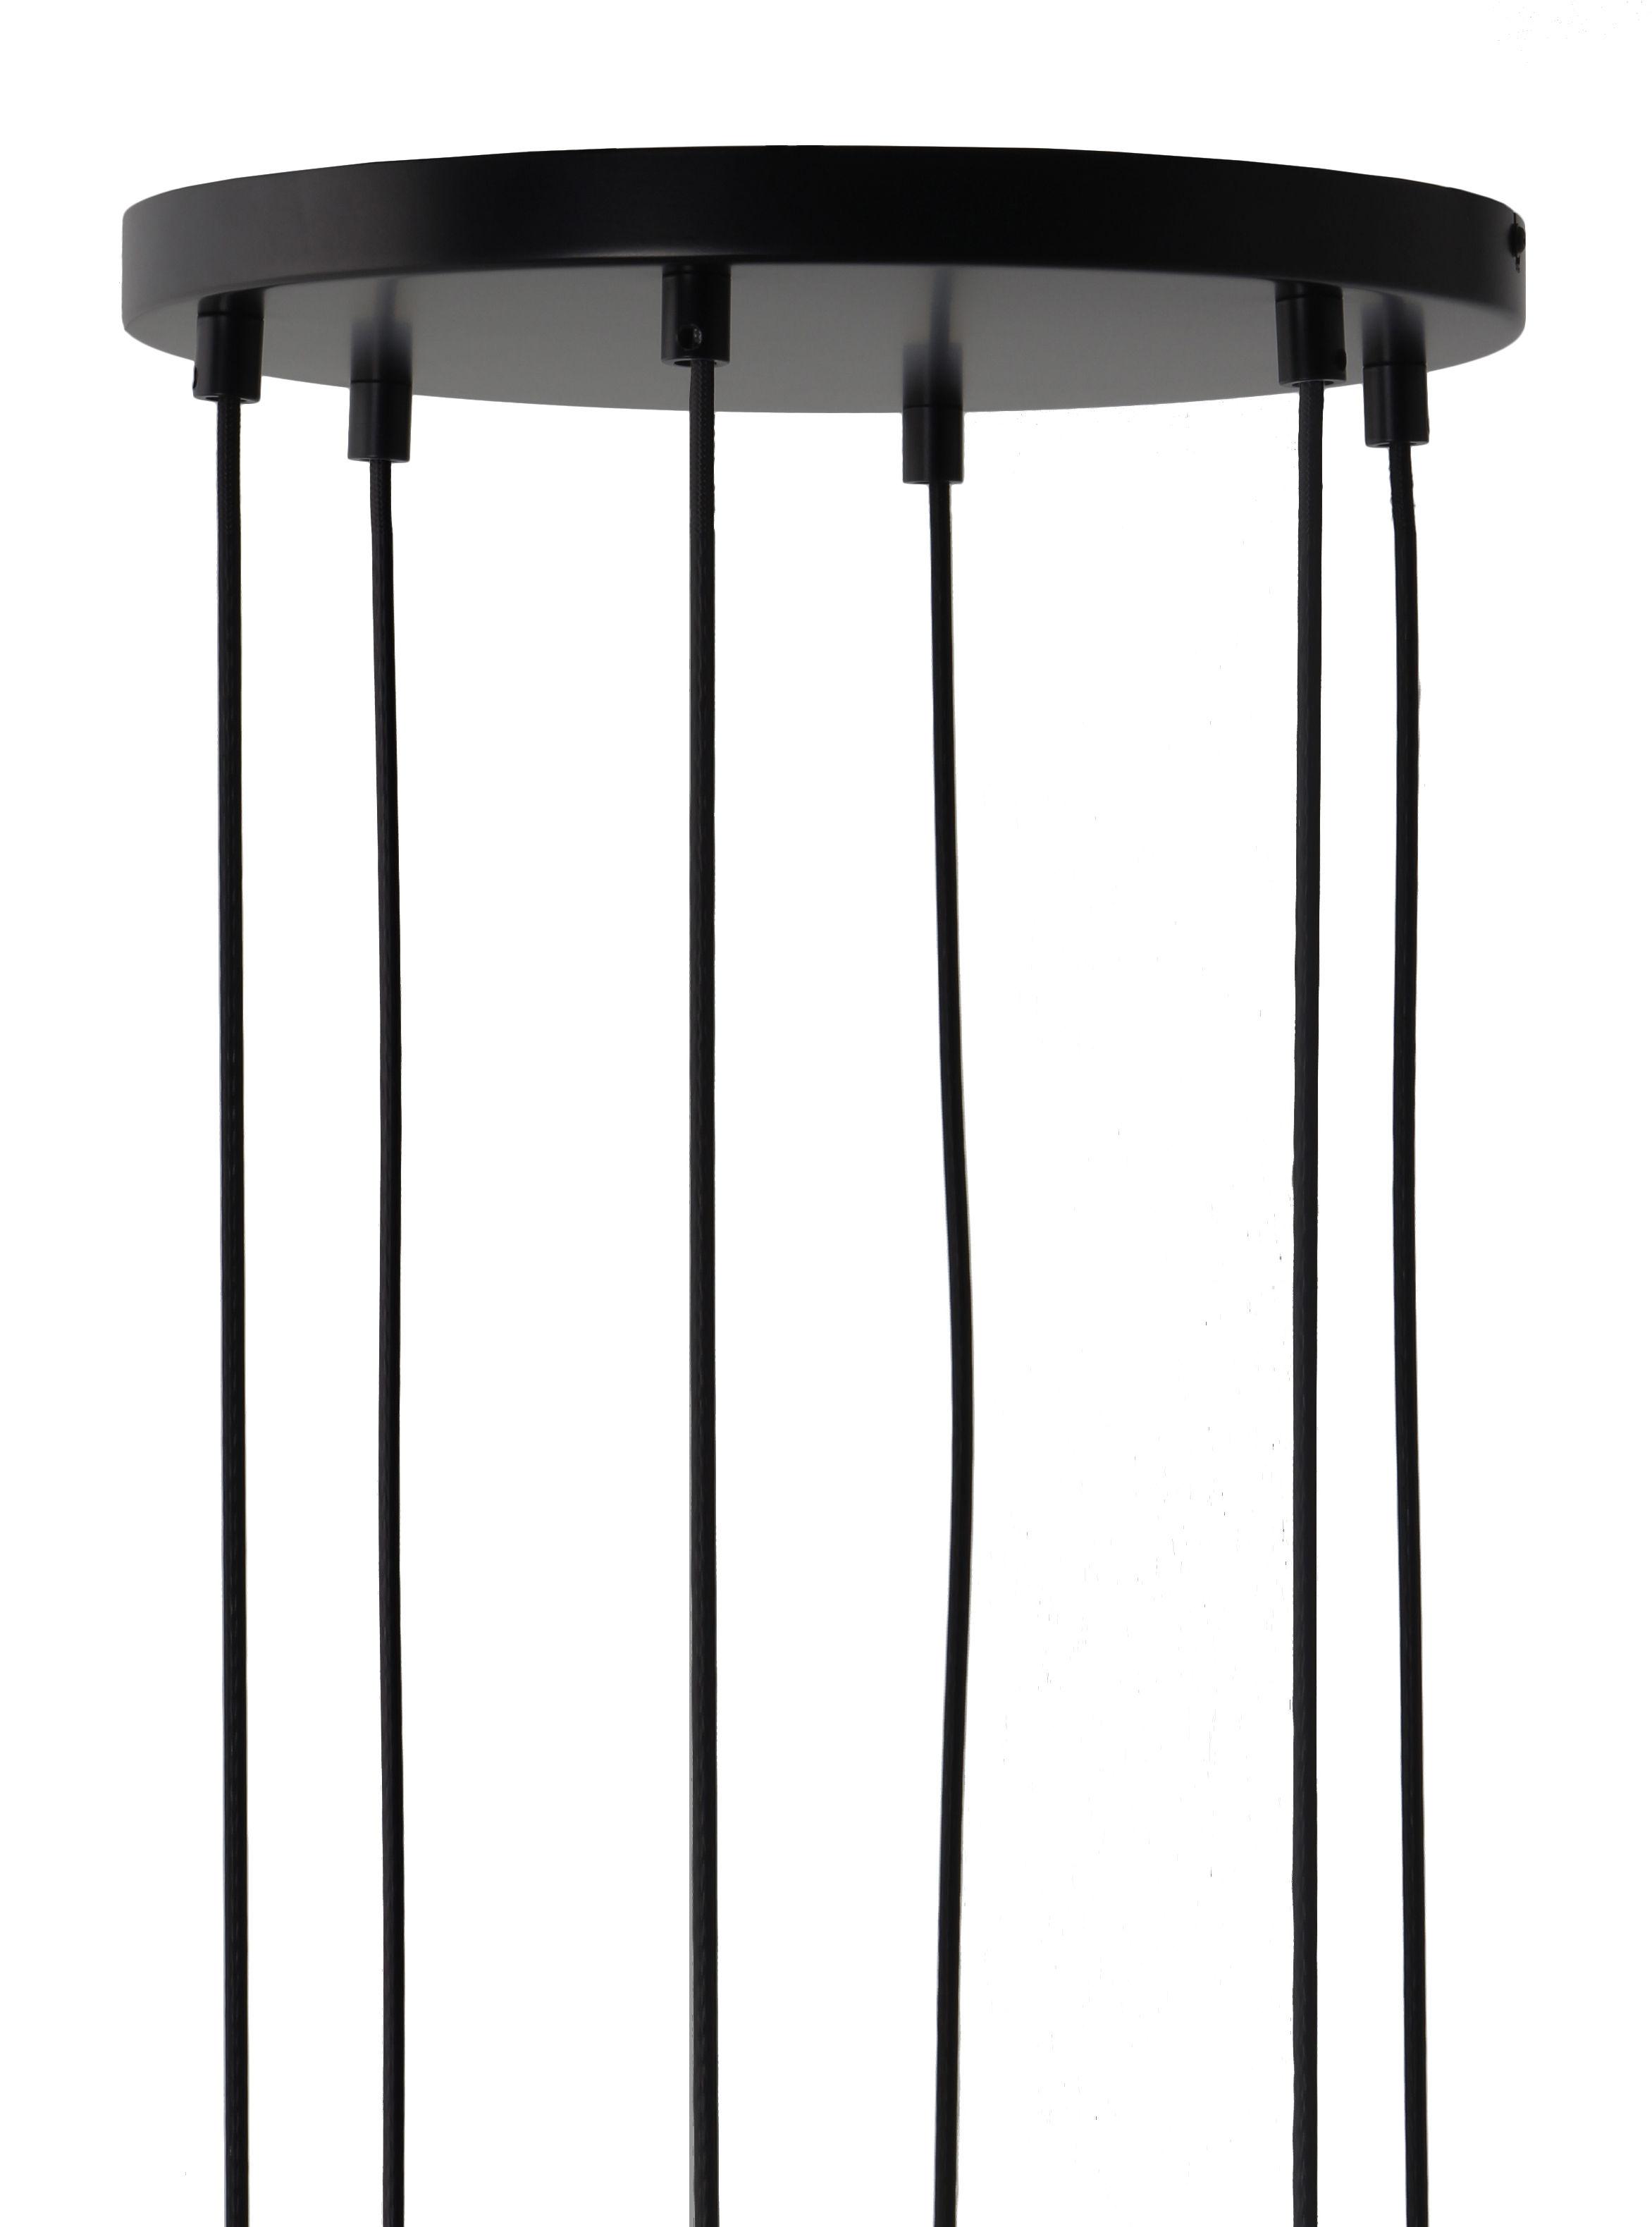 Luminaire - Ampoules et accessoires - Rosace multiple 6 trous / Pour 6 suspensions - Frandsen - 6 suspensions - Métal peint